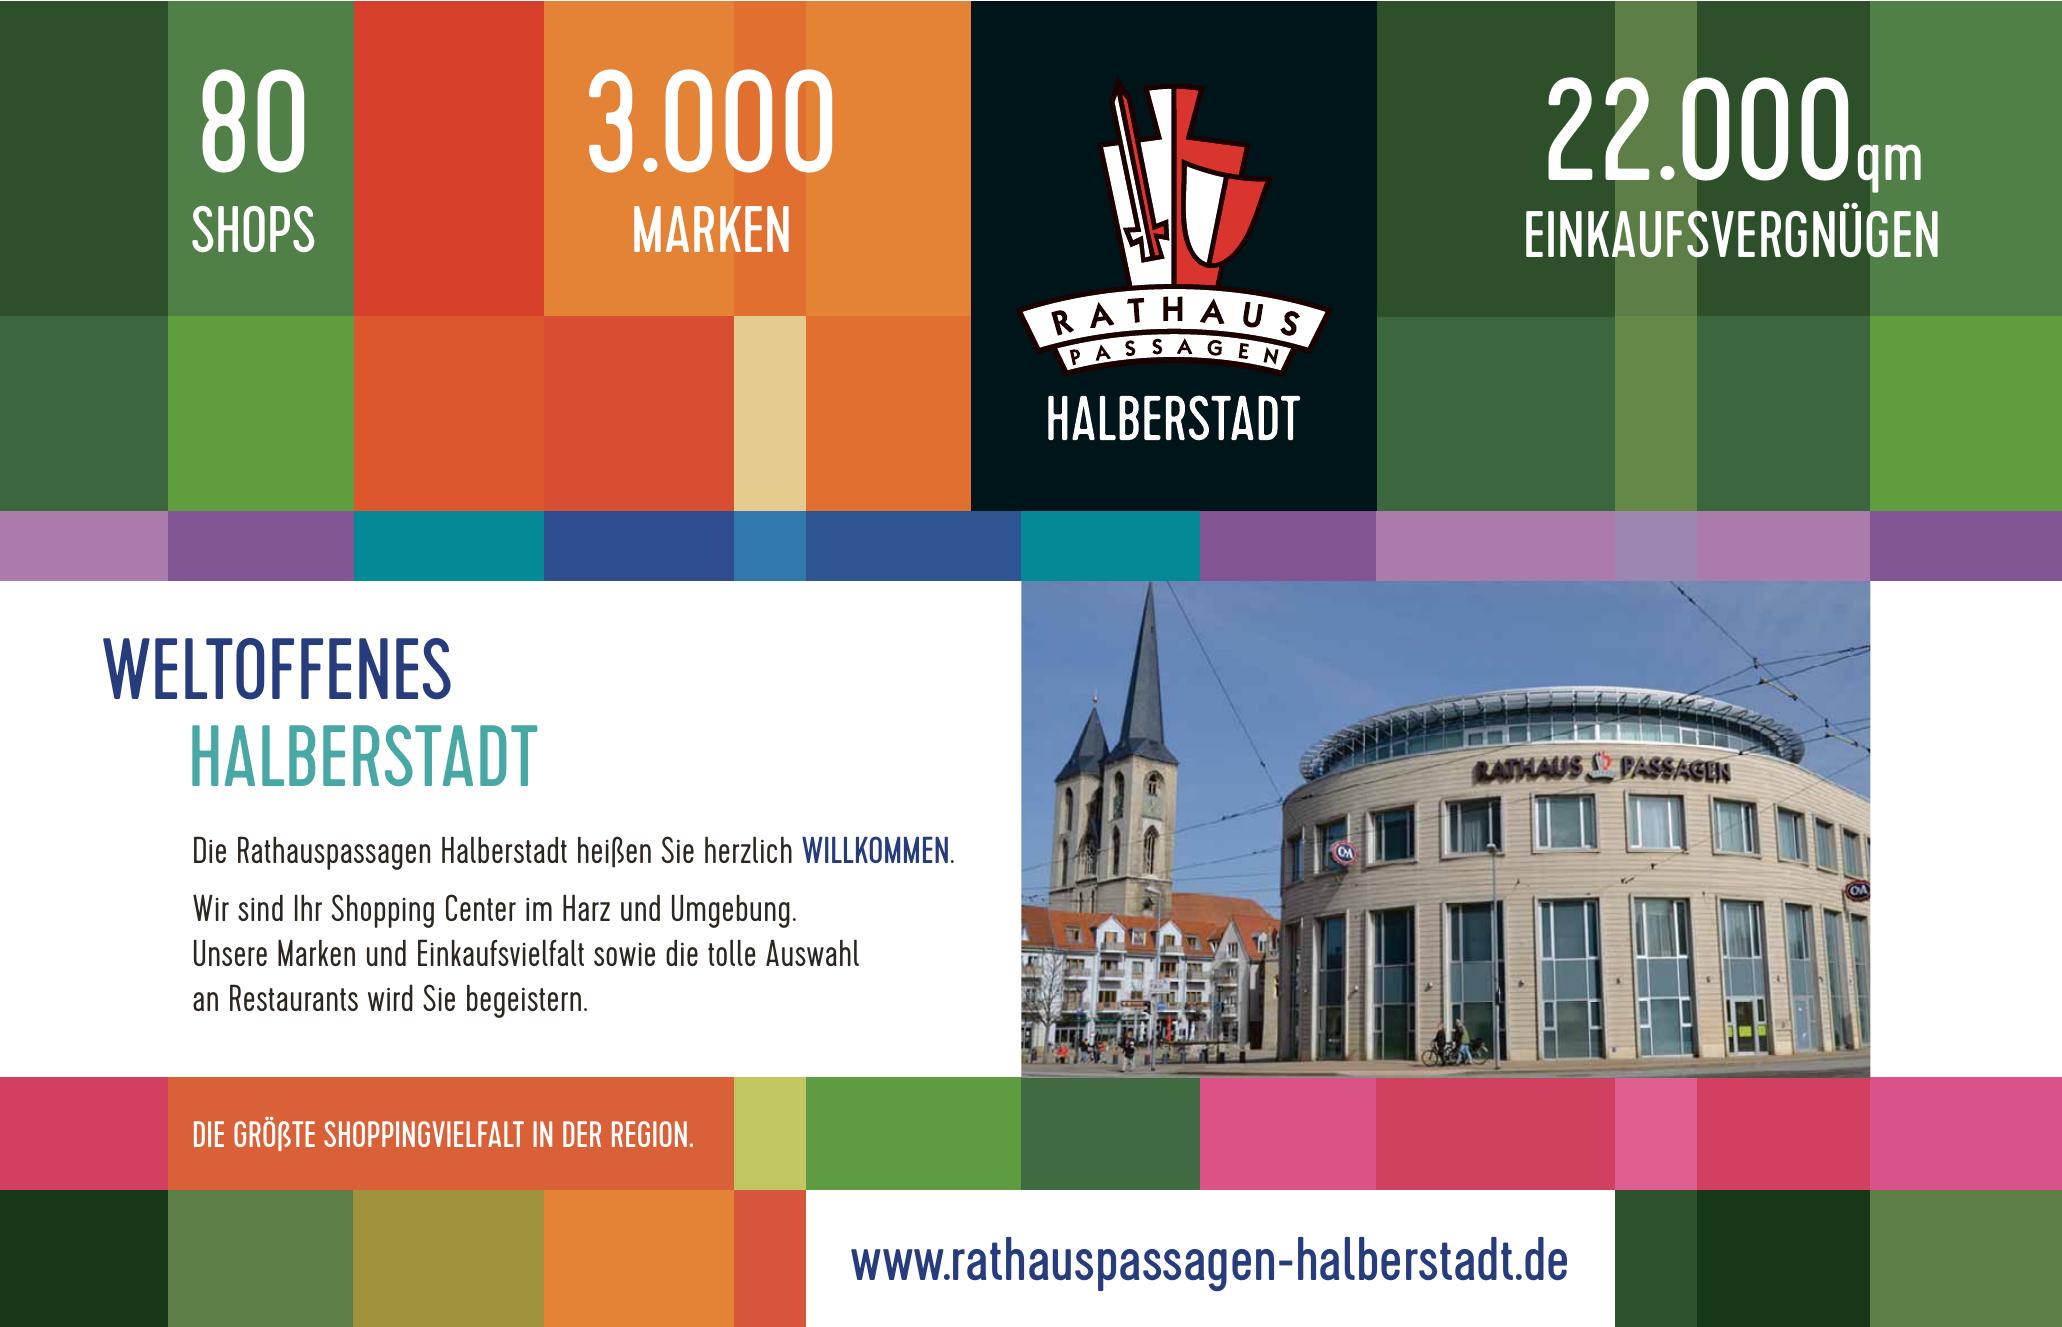 Weltoffenes Halberstadt